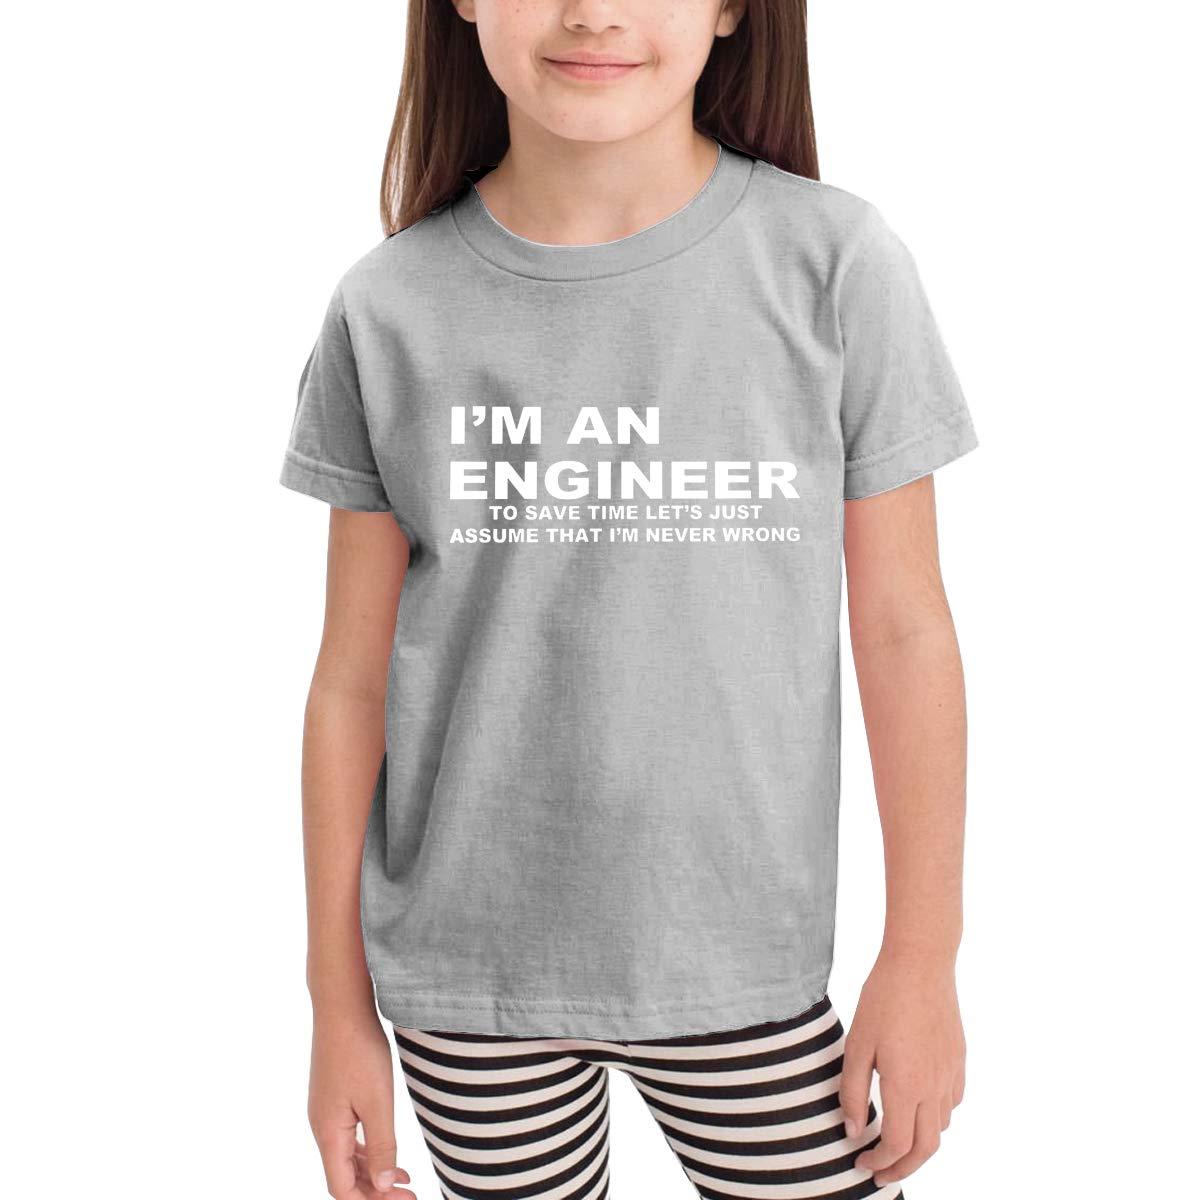 Im an Engineer Never Wrong Unisex Youths Short Sleeve T-Shirt Kids T-Shirt Tops Black